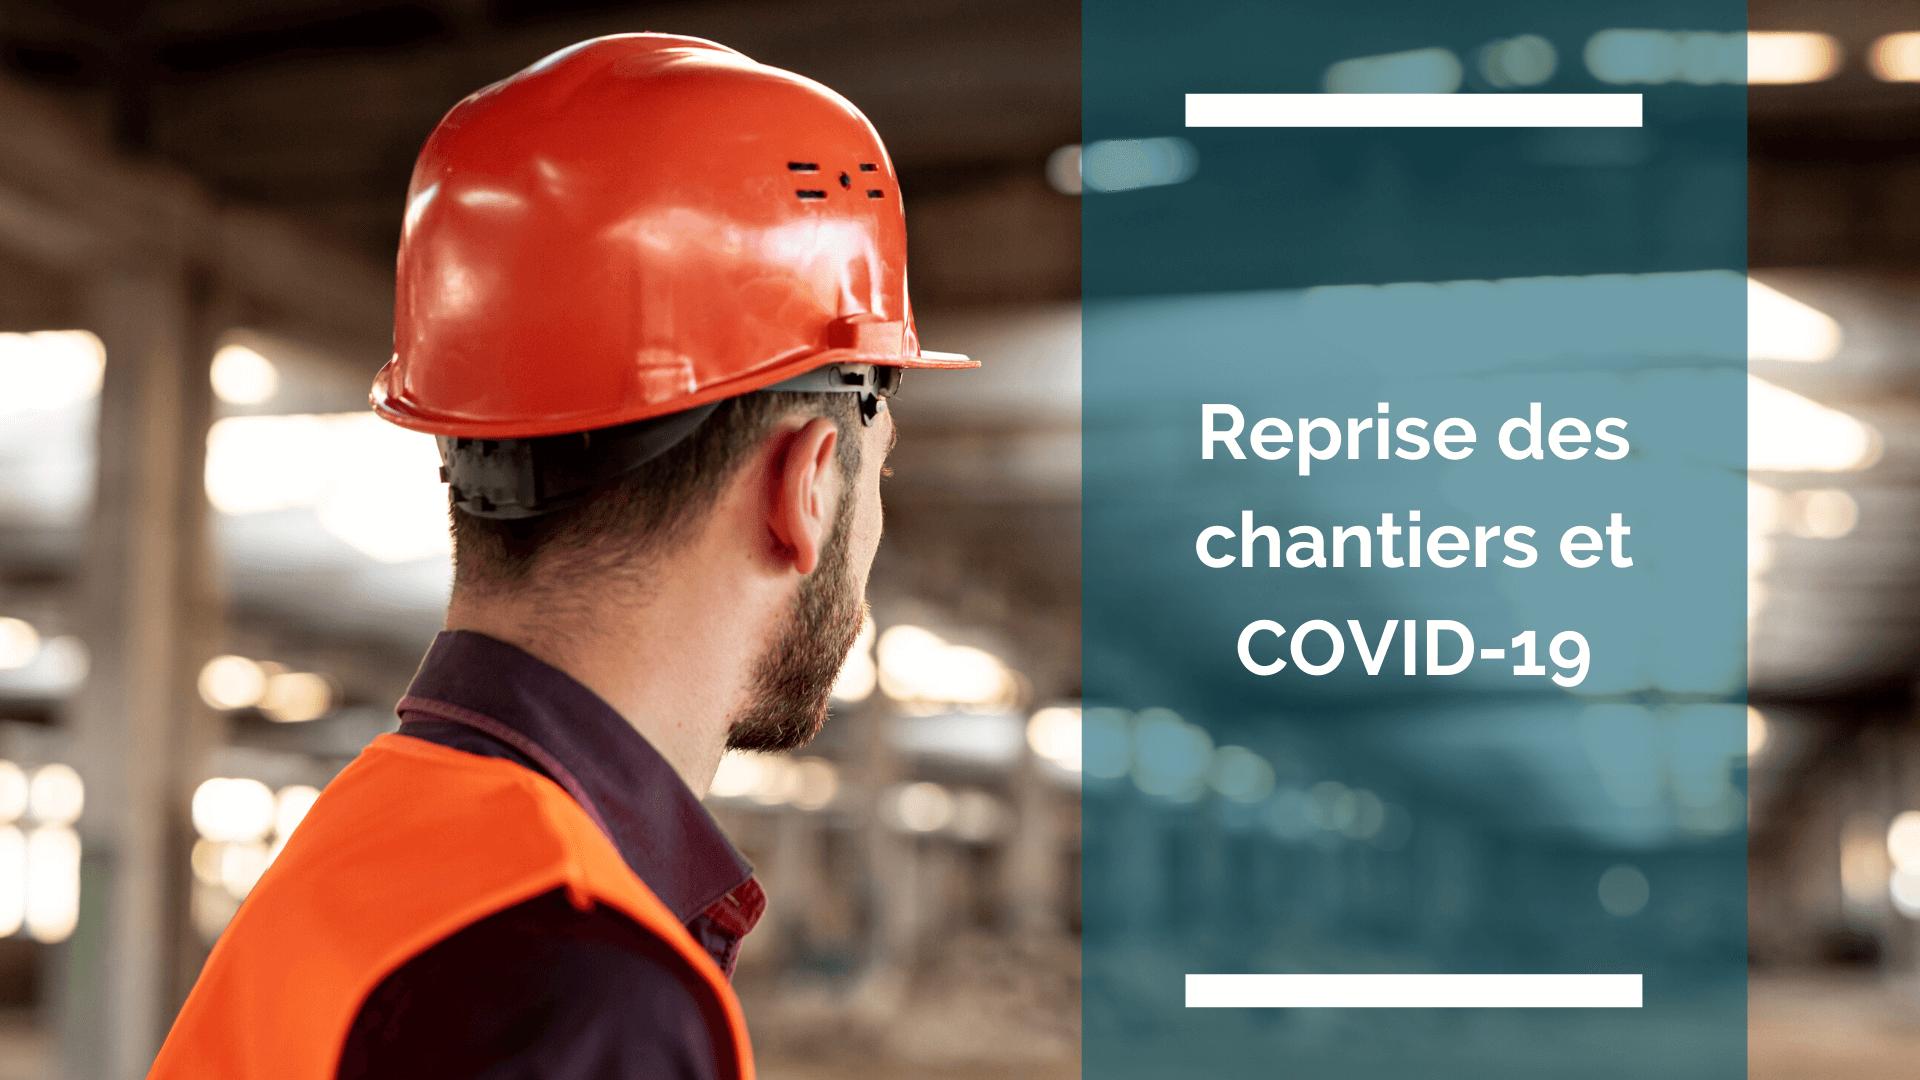 Reprise des chantiers et COVID-19 : il va falloir s'adapter